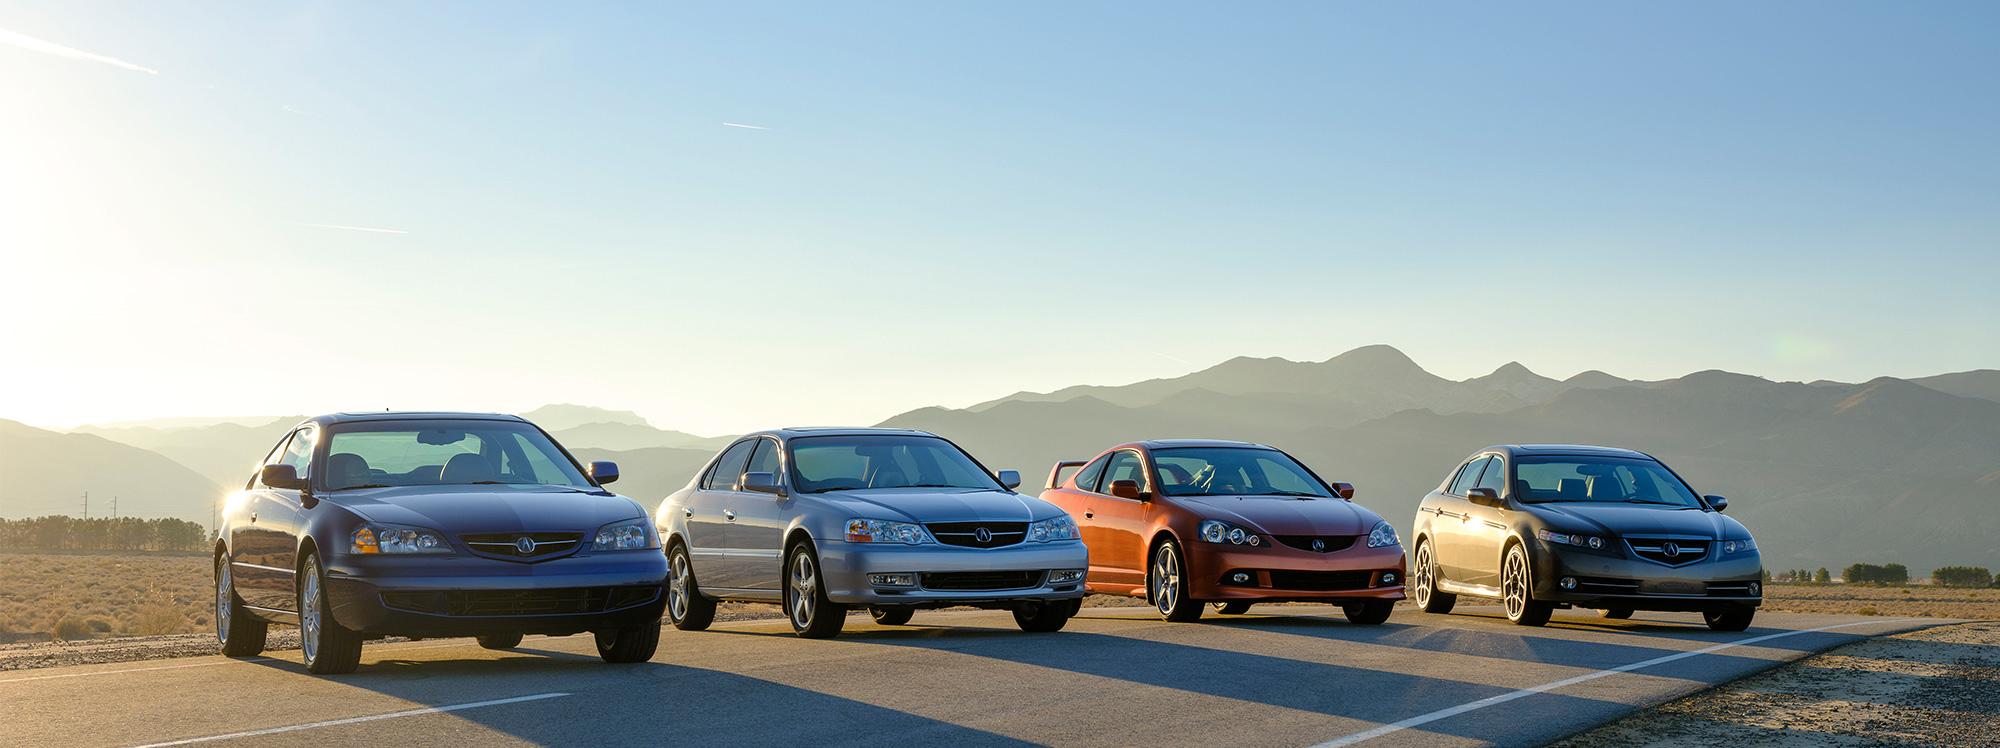 Un recorrido por Type S de la marca de lujo Acura